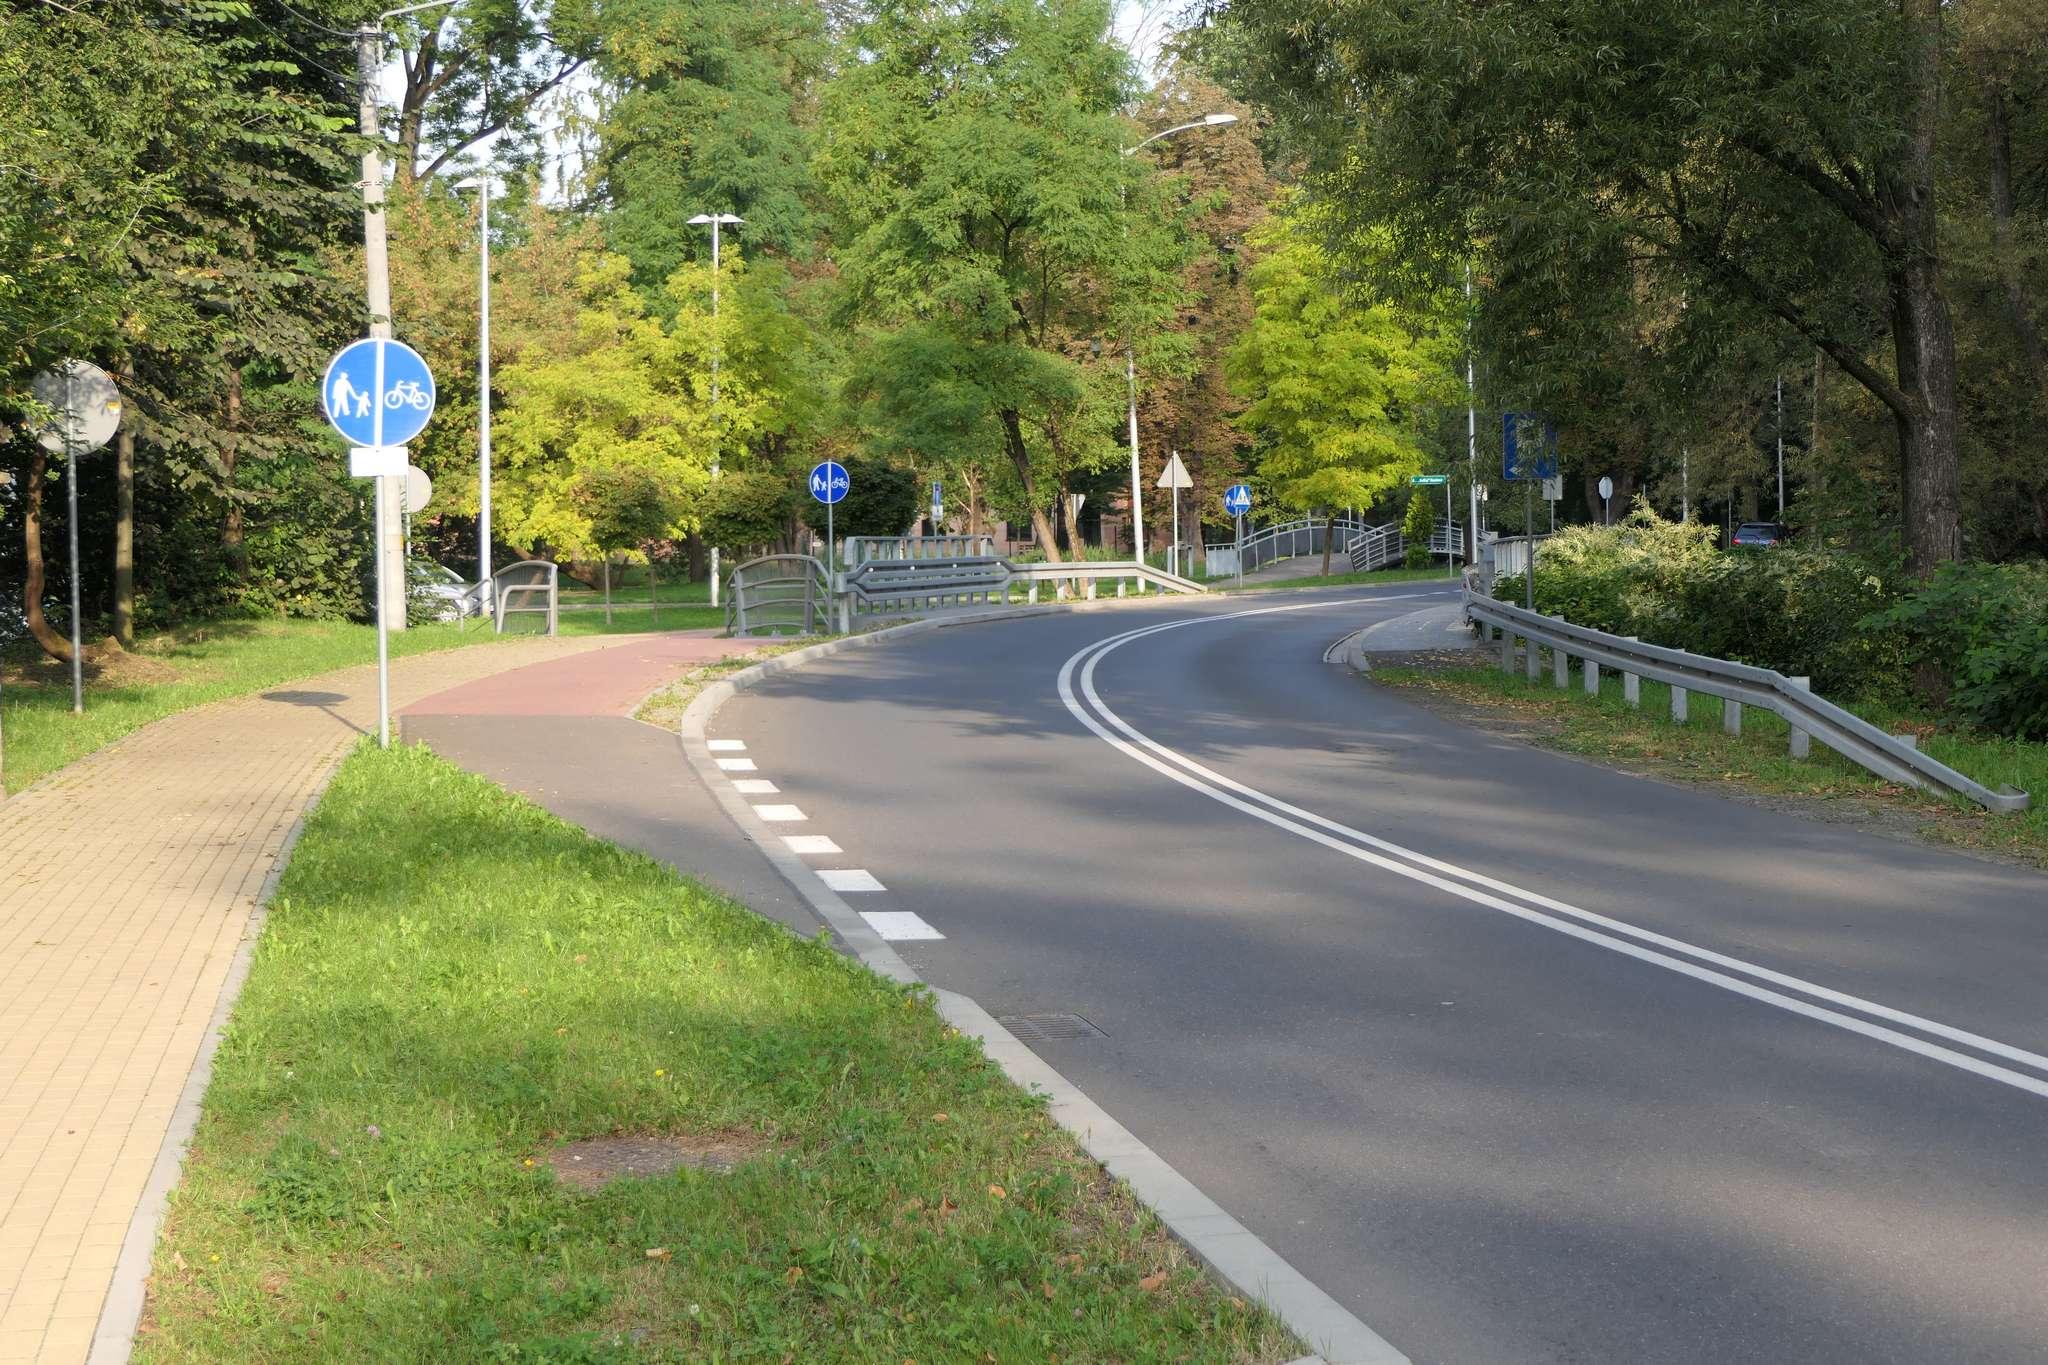 """Wjazd na drogę rowerową przy al. Łyska od strony Puńcowa jest teoretycznie niezgodny z przepisami, bo trzeba przeciąć podwójną ciągłą. Z drugiej strony zmusza nas do tego znak nakazu C-13 (""""droga dla rowerów""""). Dodatkowym zagrożeniem jest słaba widoczność na zakręcie."""